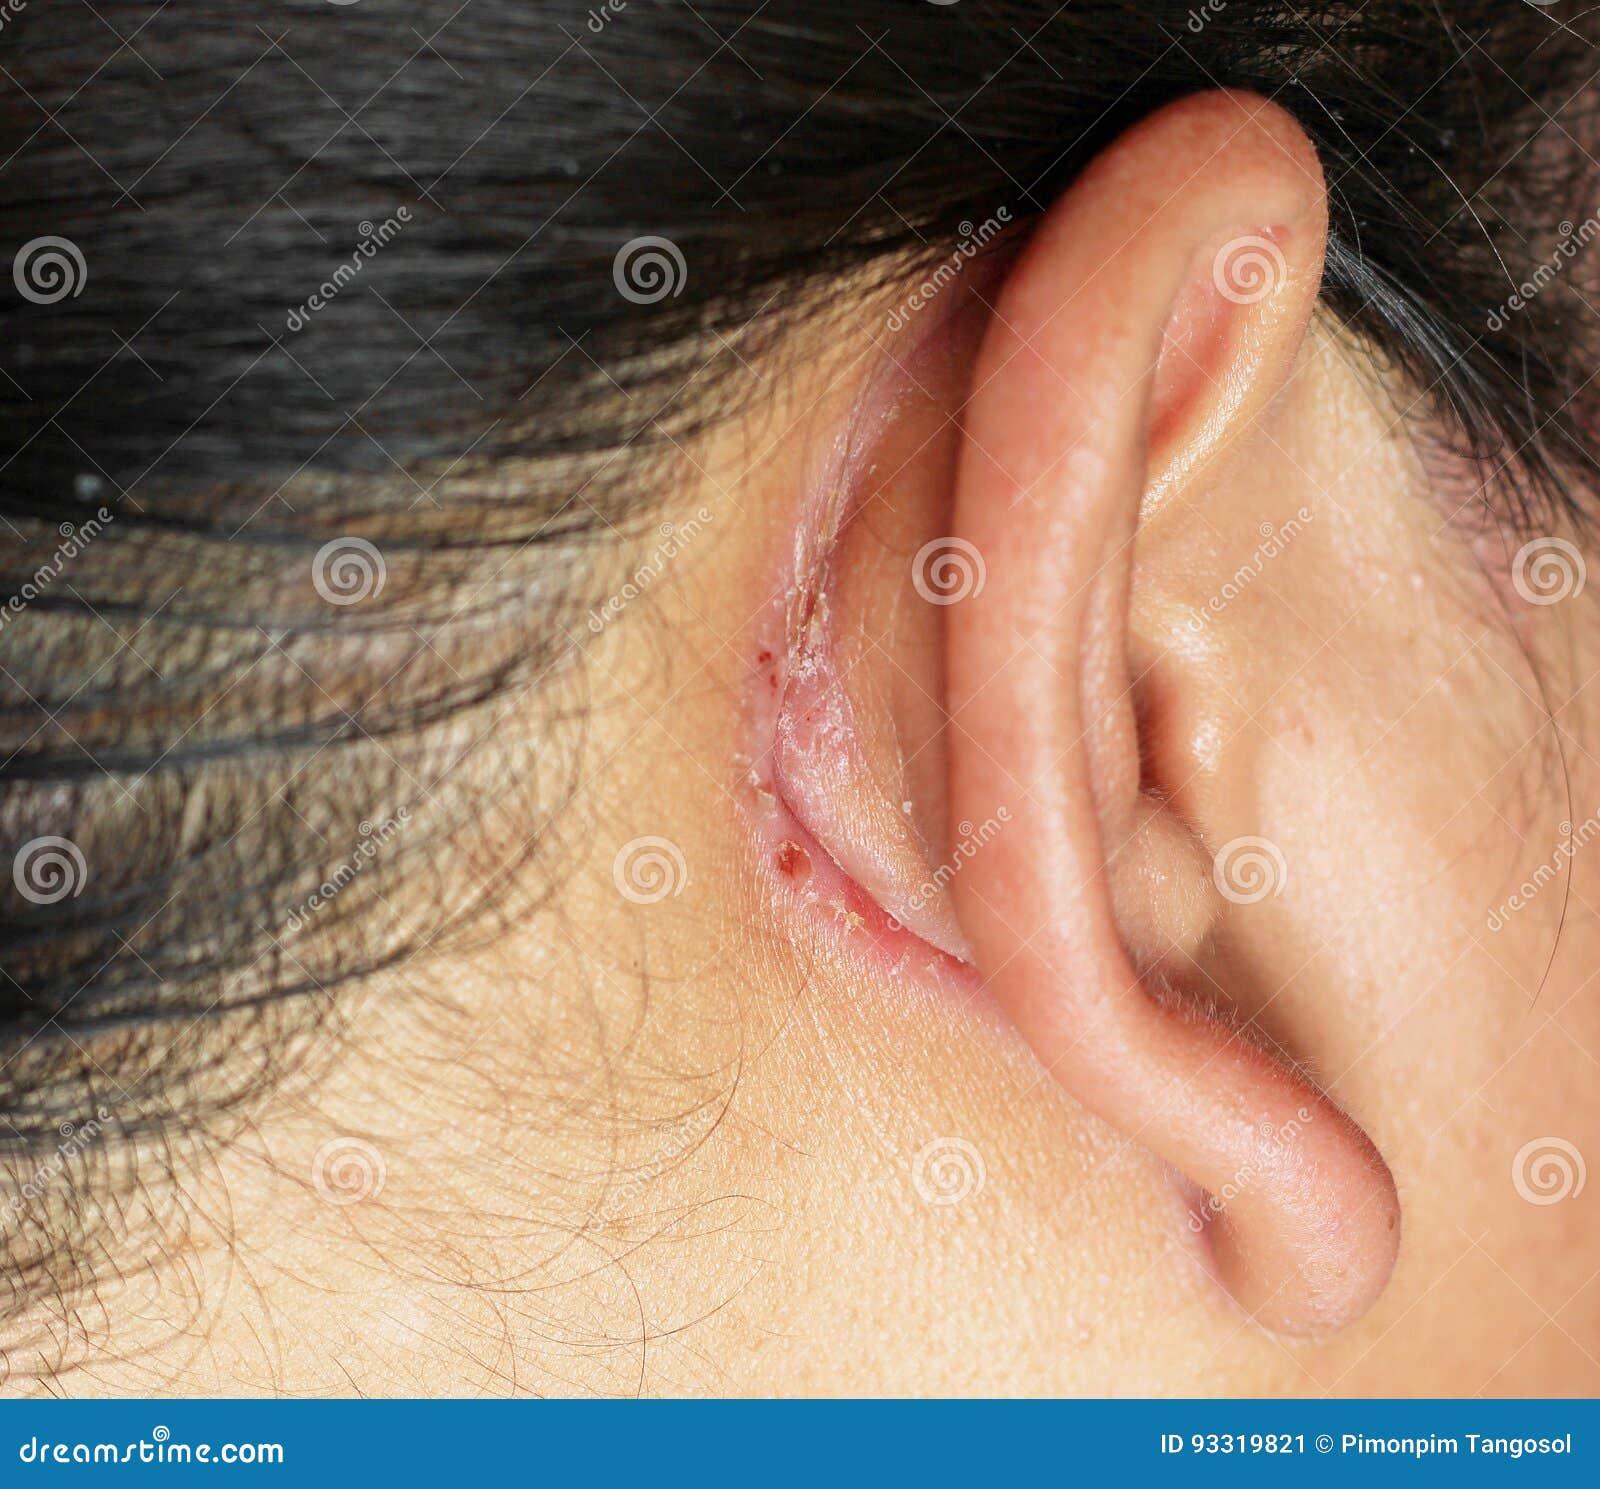 sår i örat